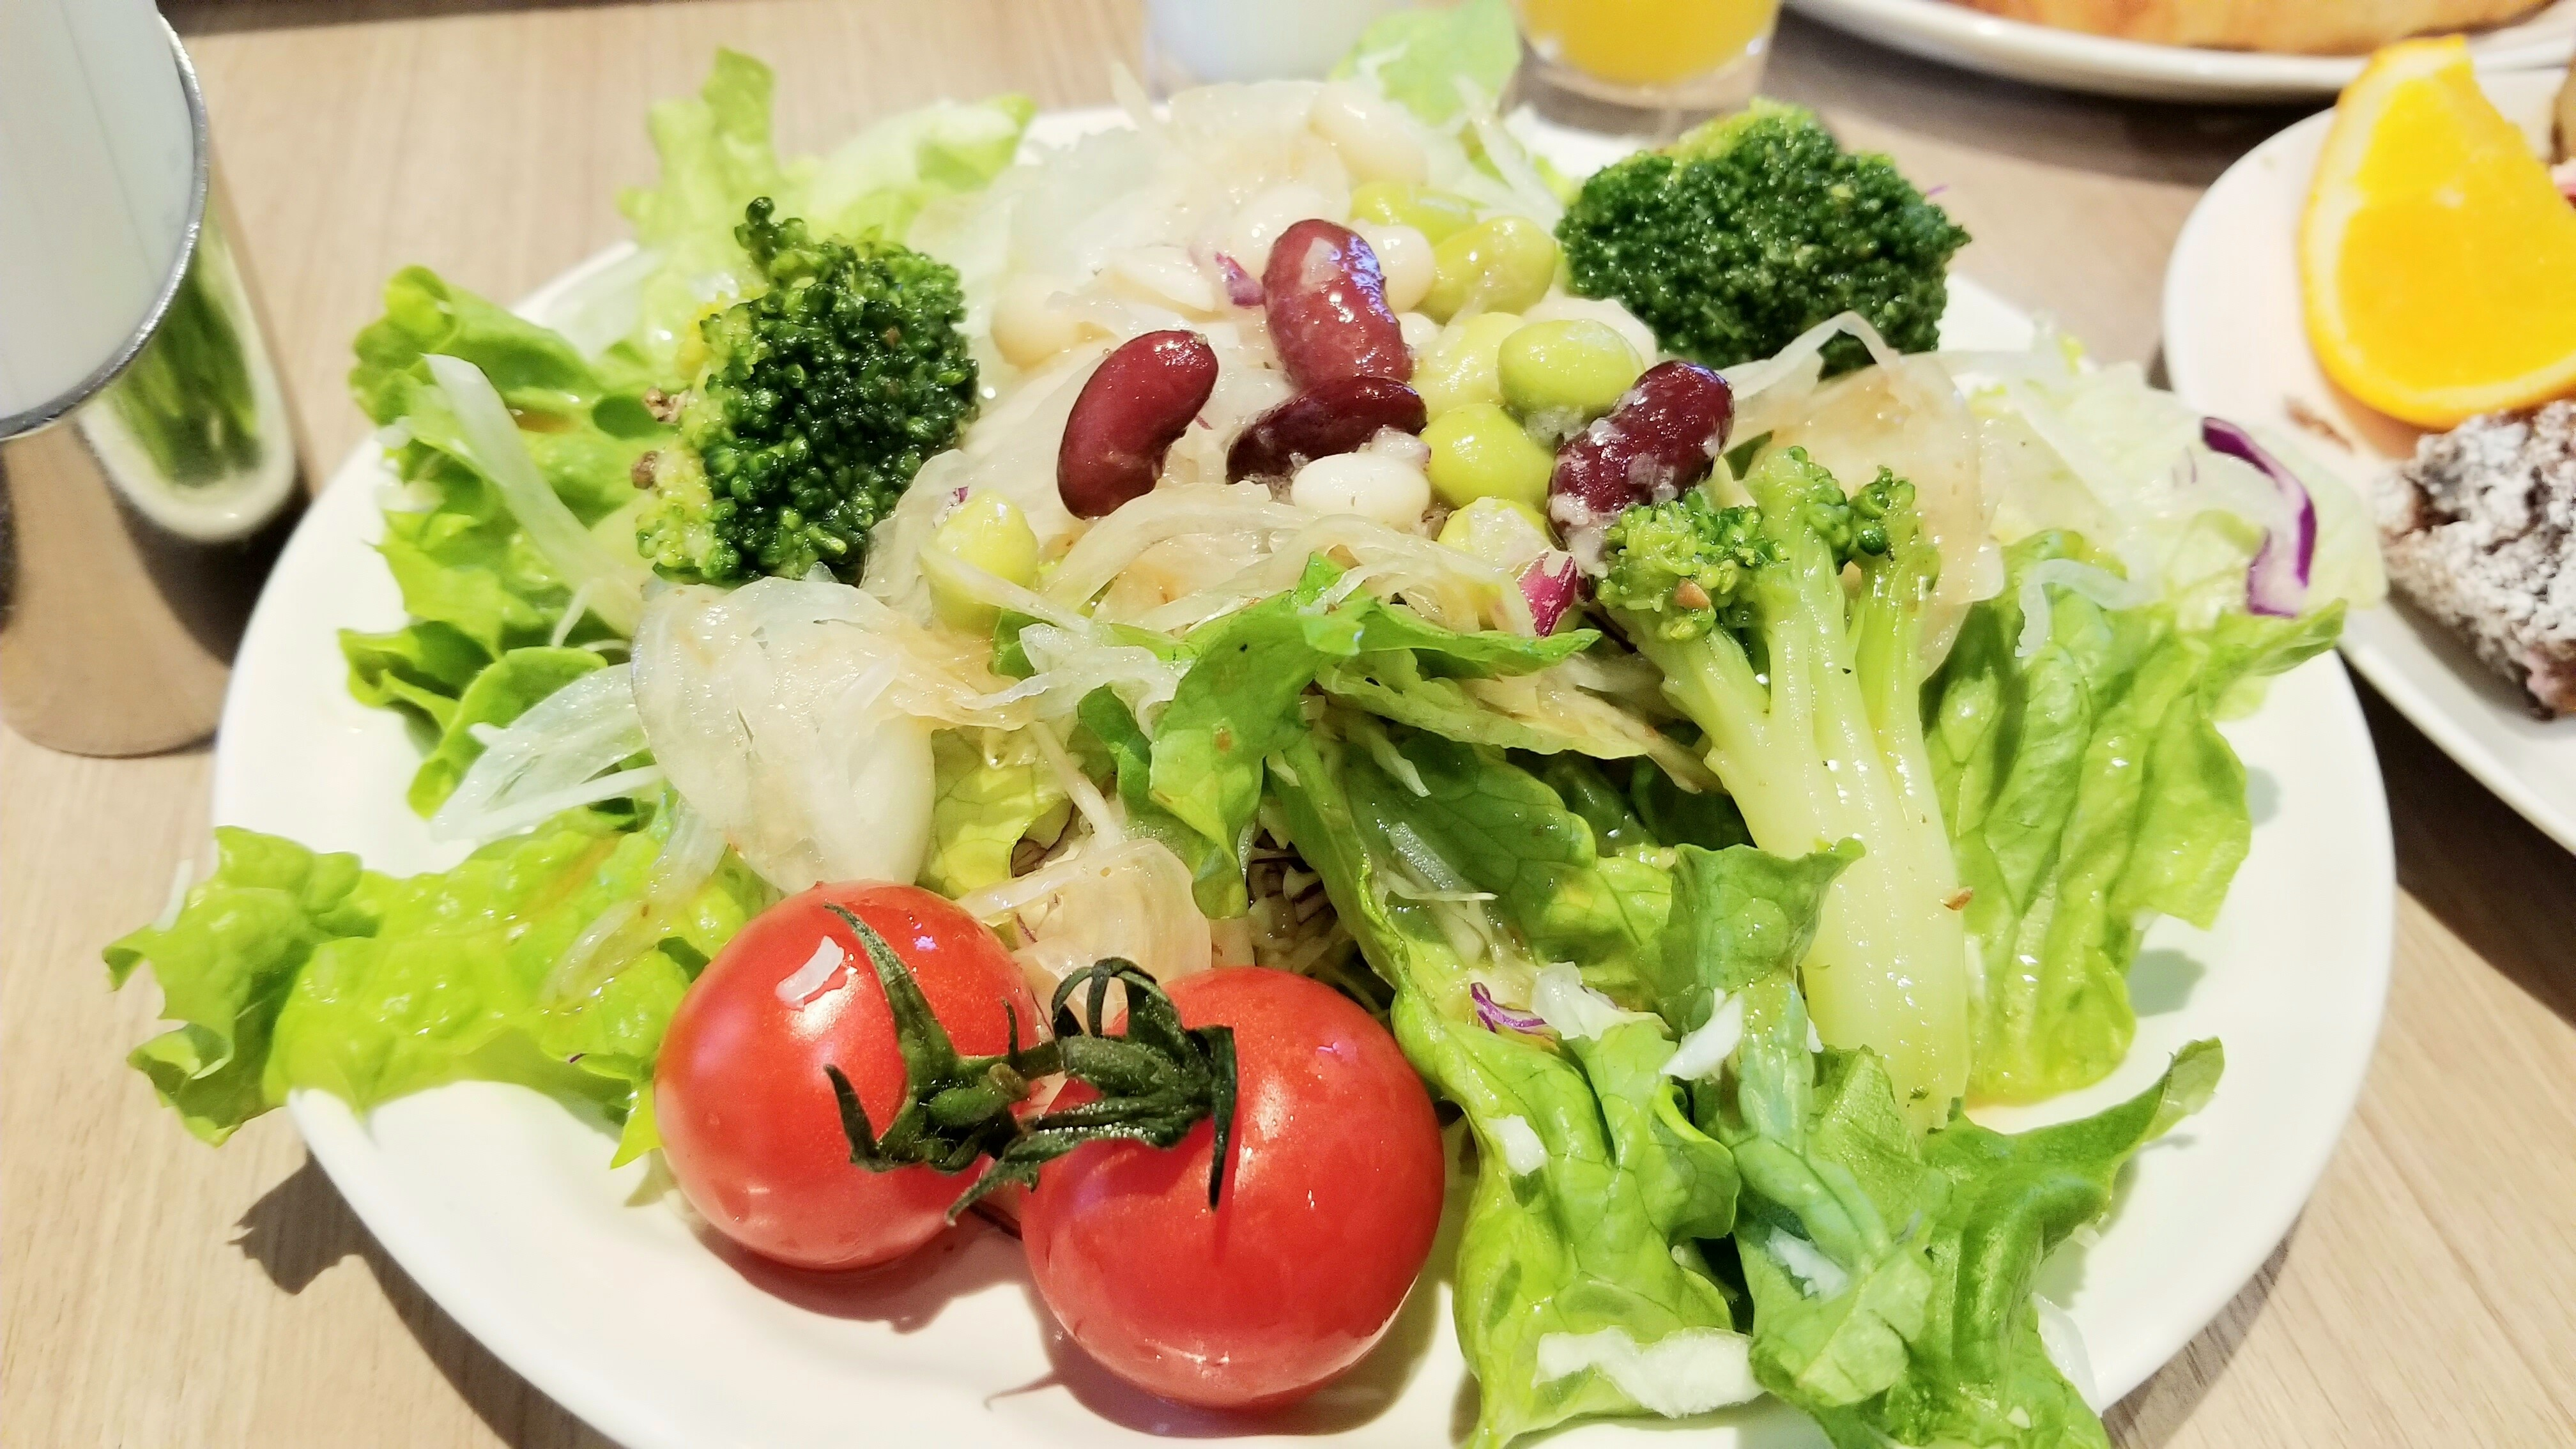 ホテルバイキングビュッフェ愛媛松山おすすめ人気おいしい野菜サラダ